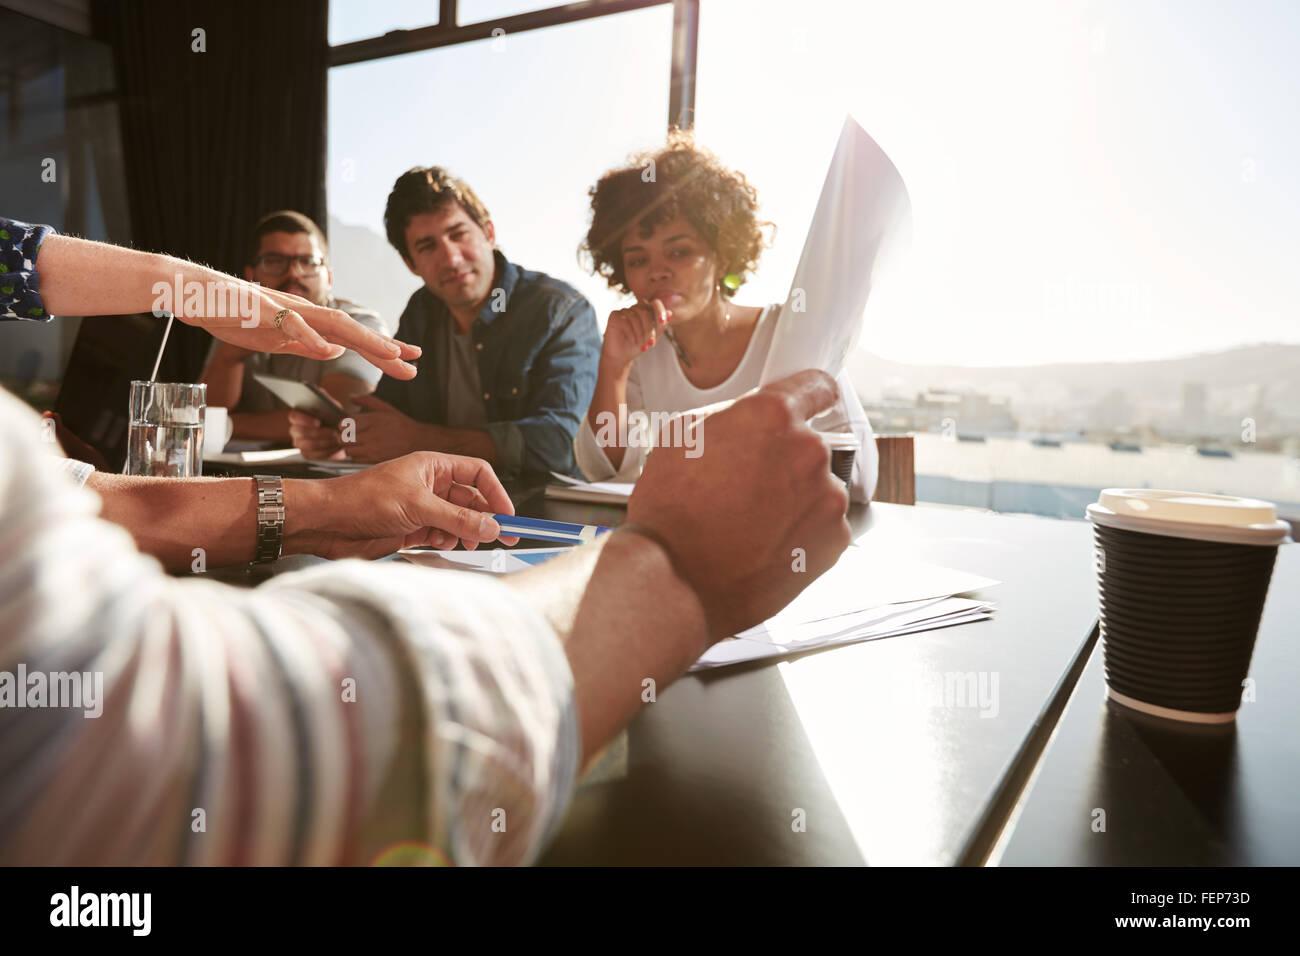 Le mani del giovane uomo e donna spiegando business plan ai colleghi, team creativo avente una riunione in ufficio. Immagini Stock